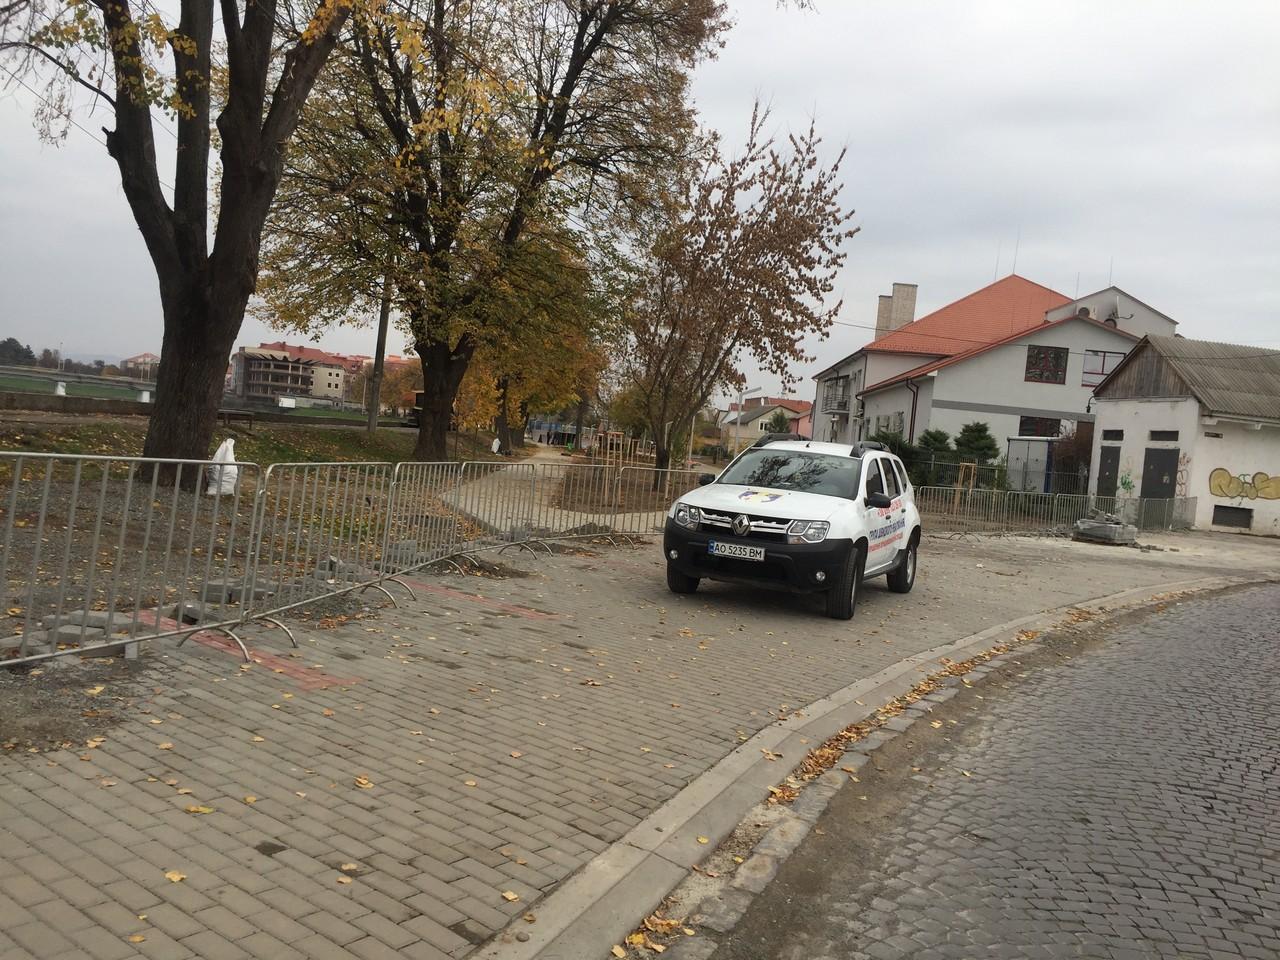 Мукачівців, які стали свідками порушення правил благоустрою в парку по вулиці Валенберга, просять повідомити муніципалів